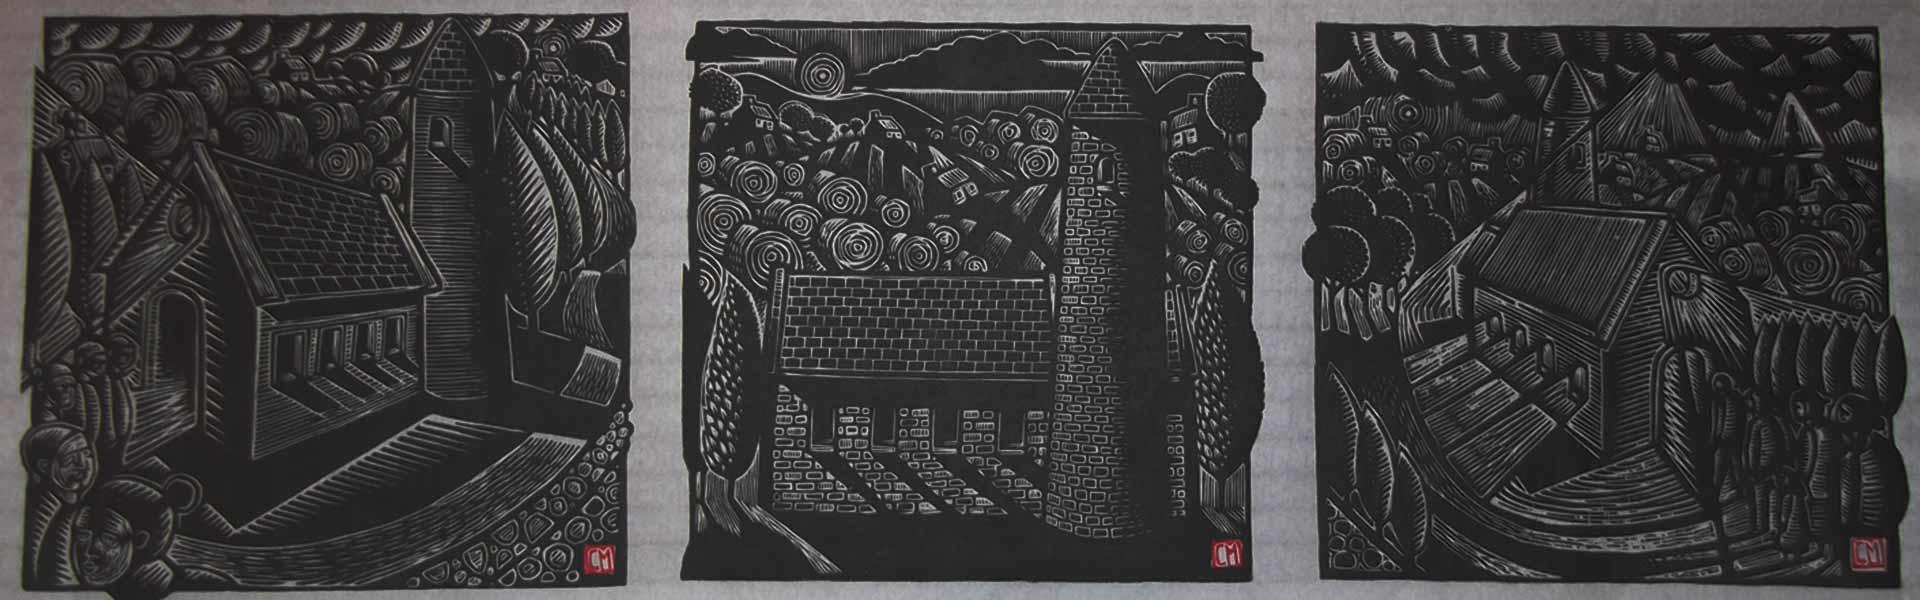 saul-woodcut2